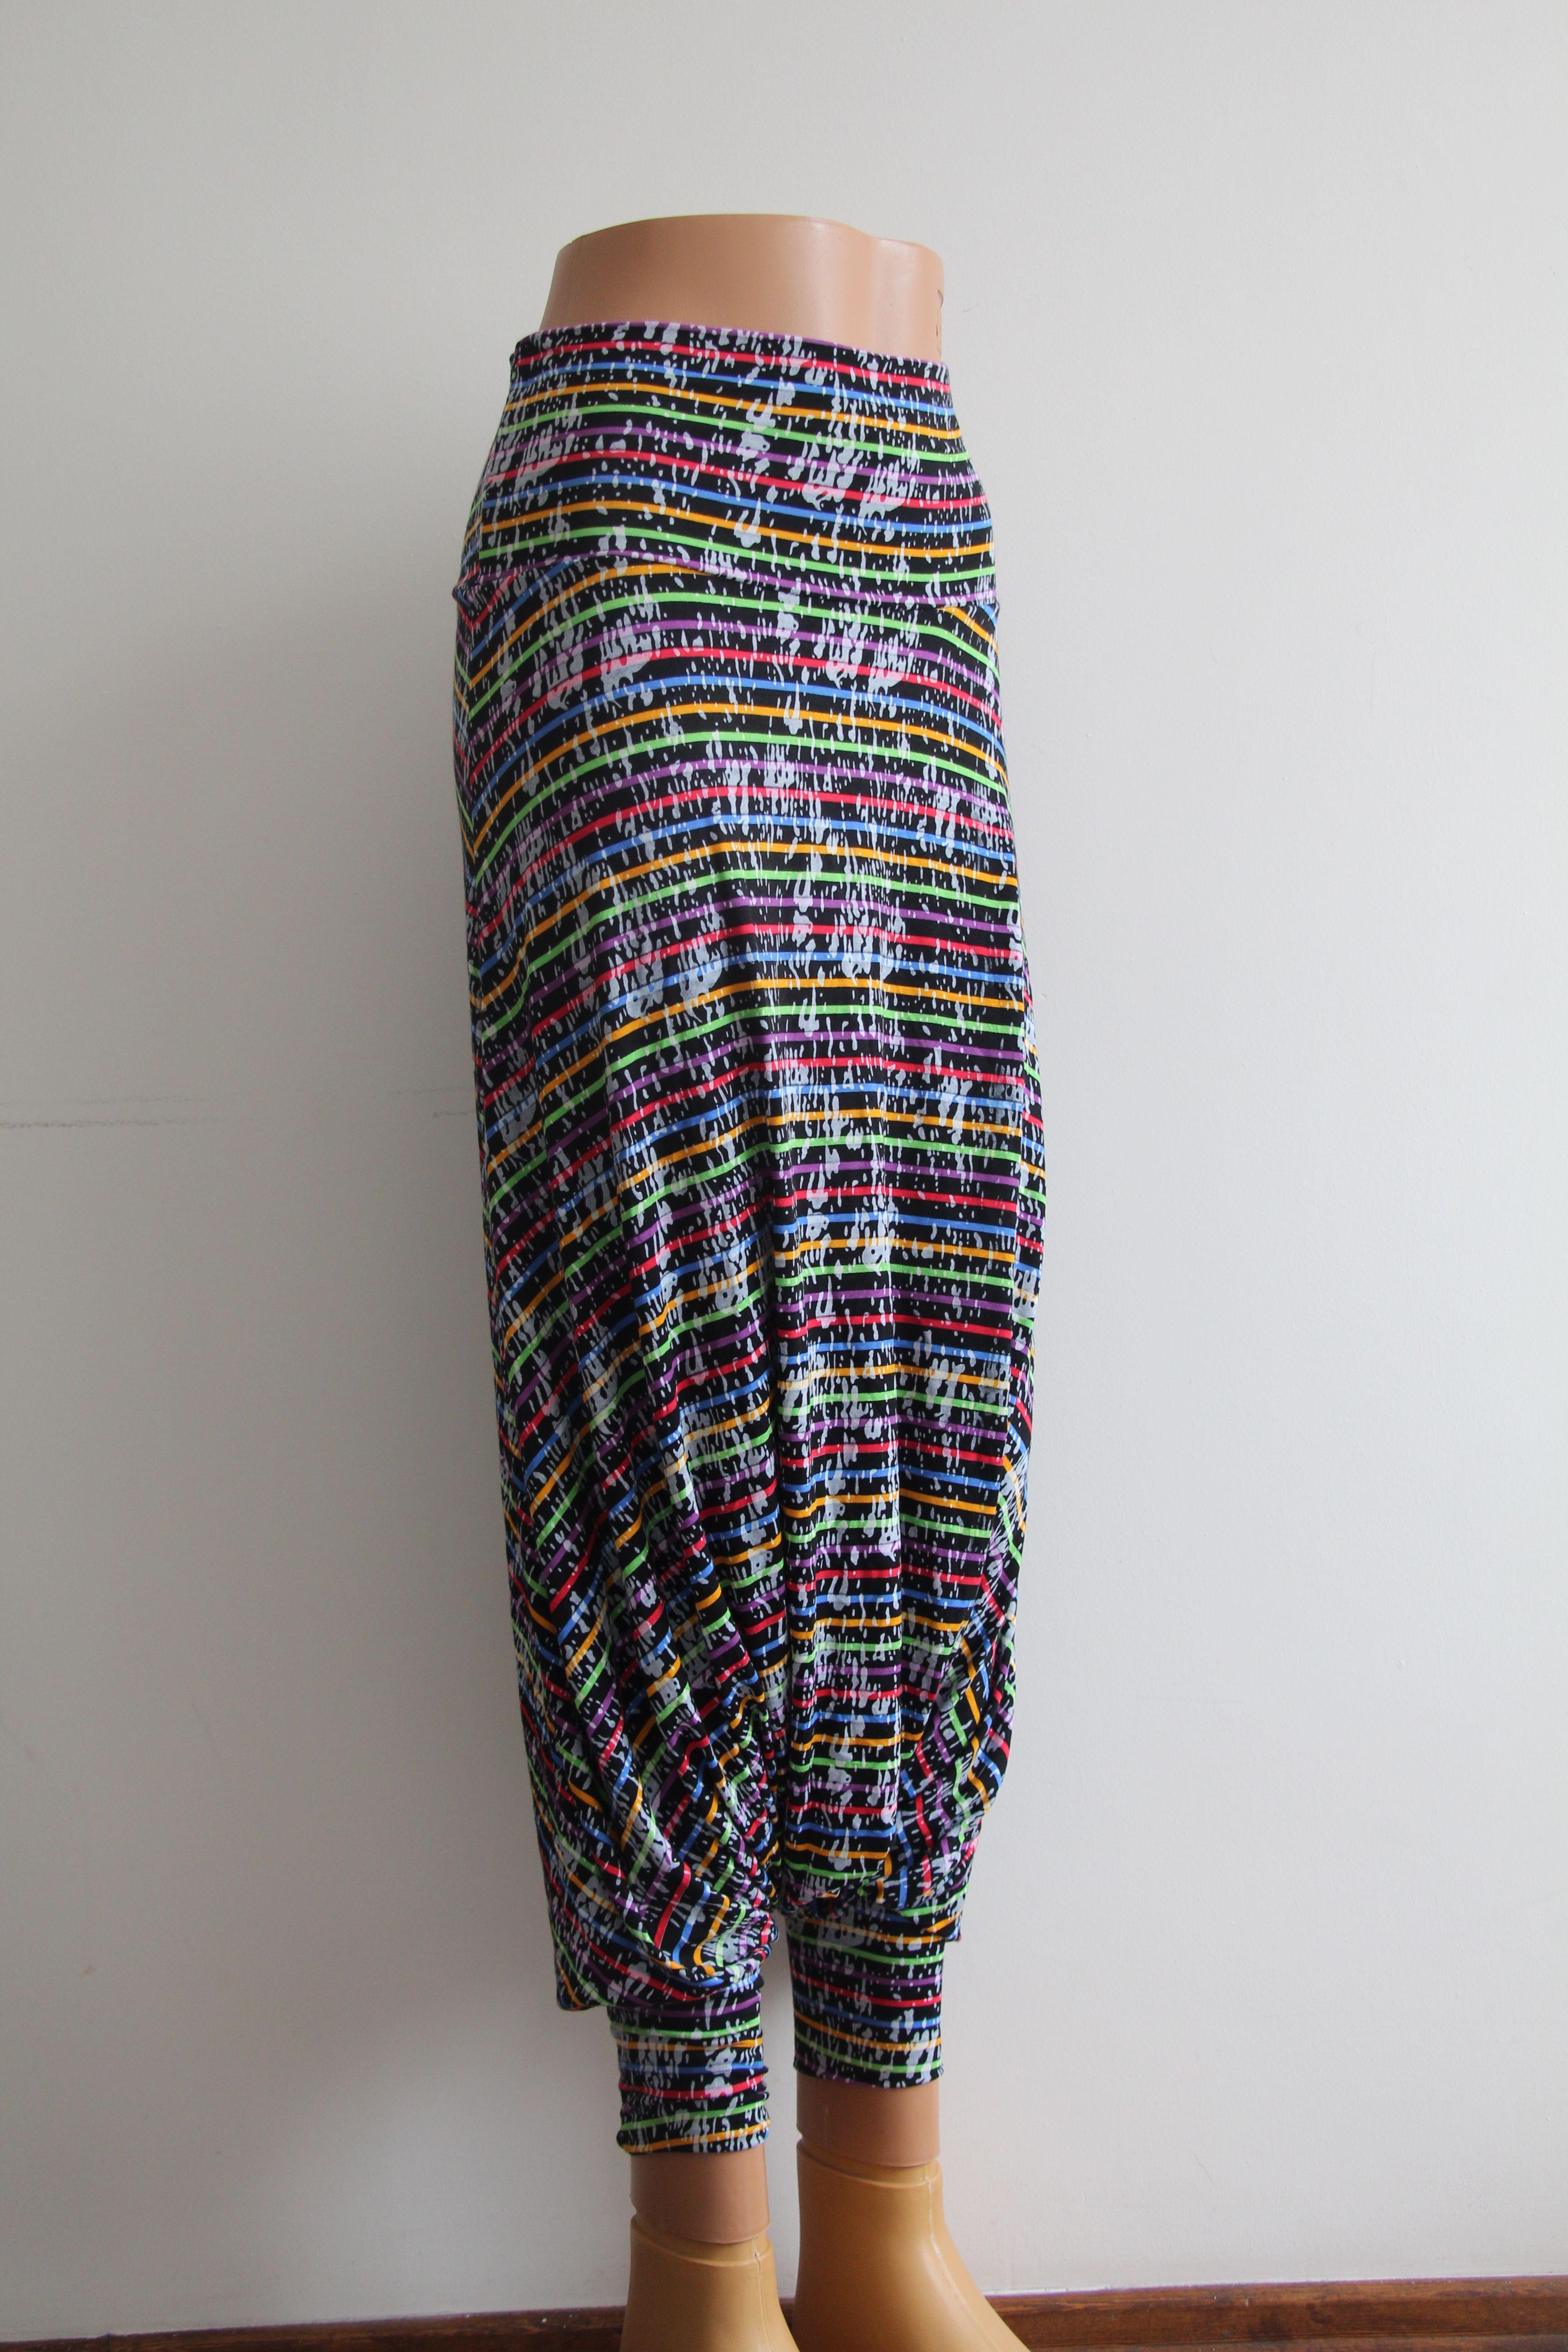 Www Lalouedesign Com Viskon Bayan Salvar Pantolon Modeli Salvarmodelleri Kadinsalvari Bayansalvarmodelleri Etniksalvar Otant Kadin Kiyafetleri Kadin Giyim